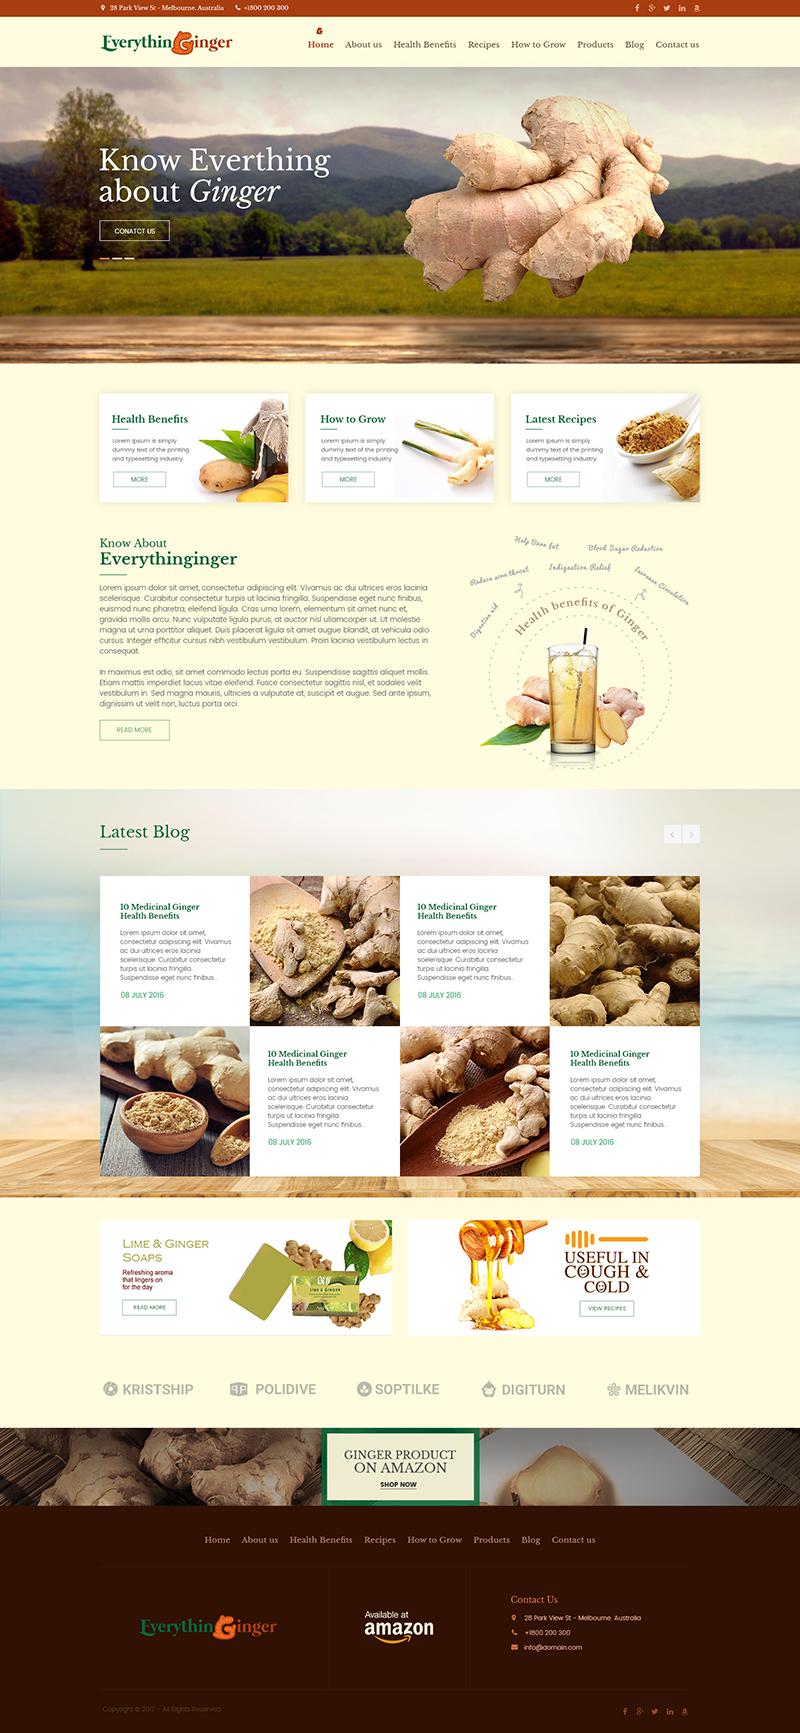 Custom Website Design for Everythin Ginger - Logo Design Deck